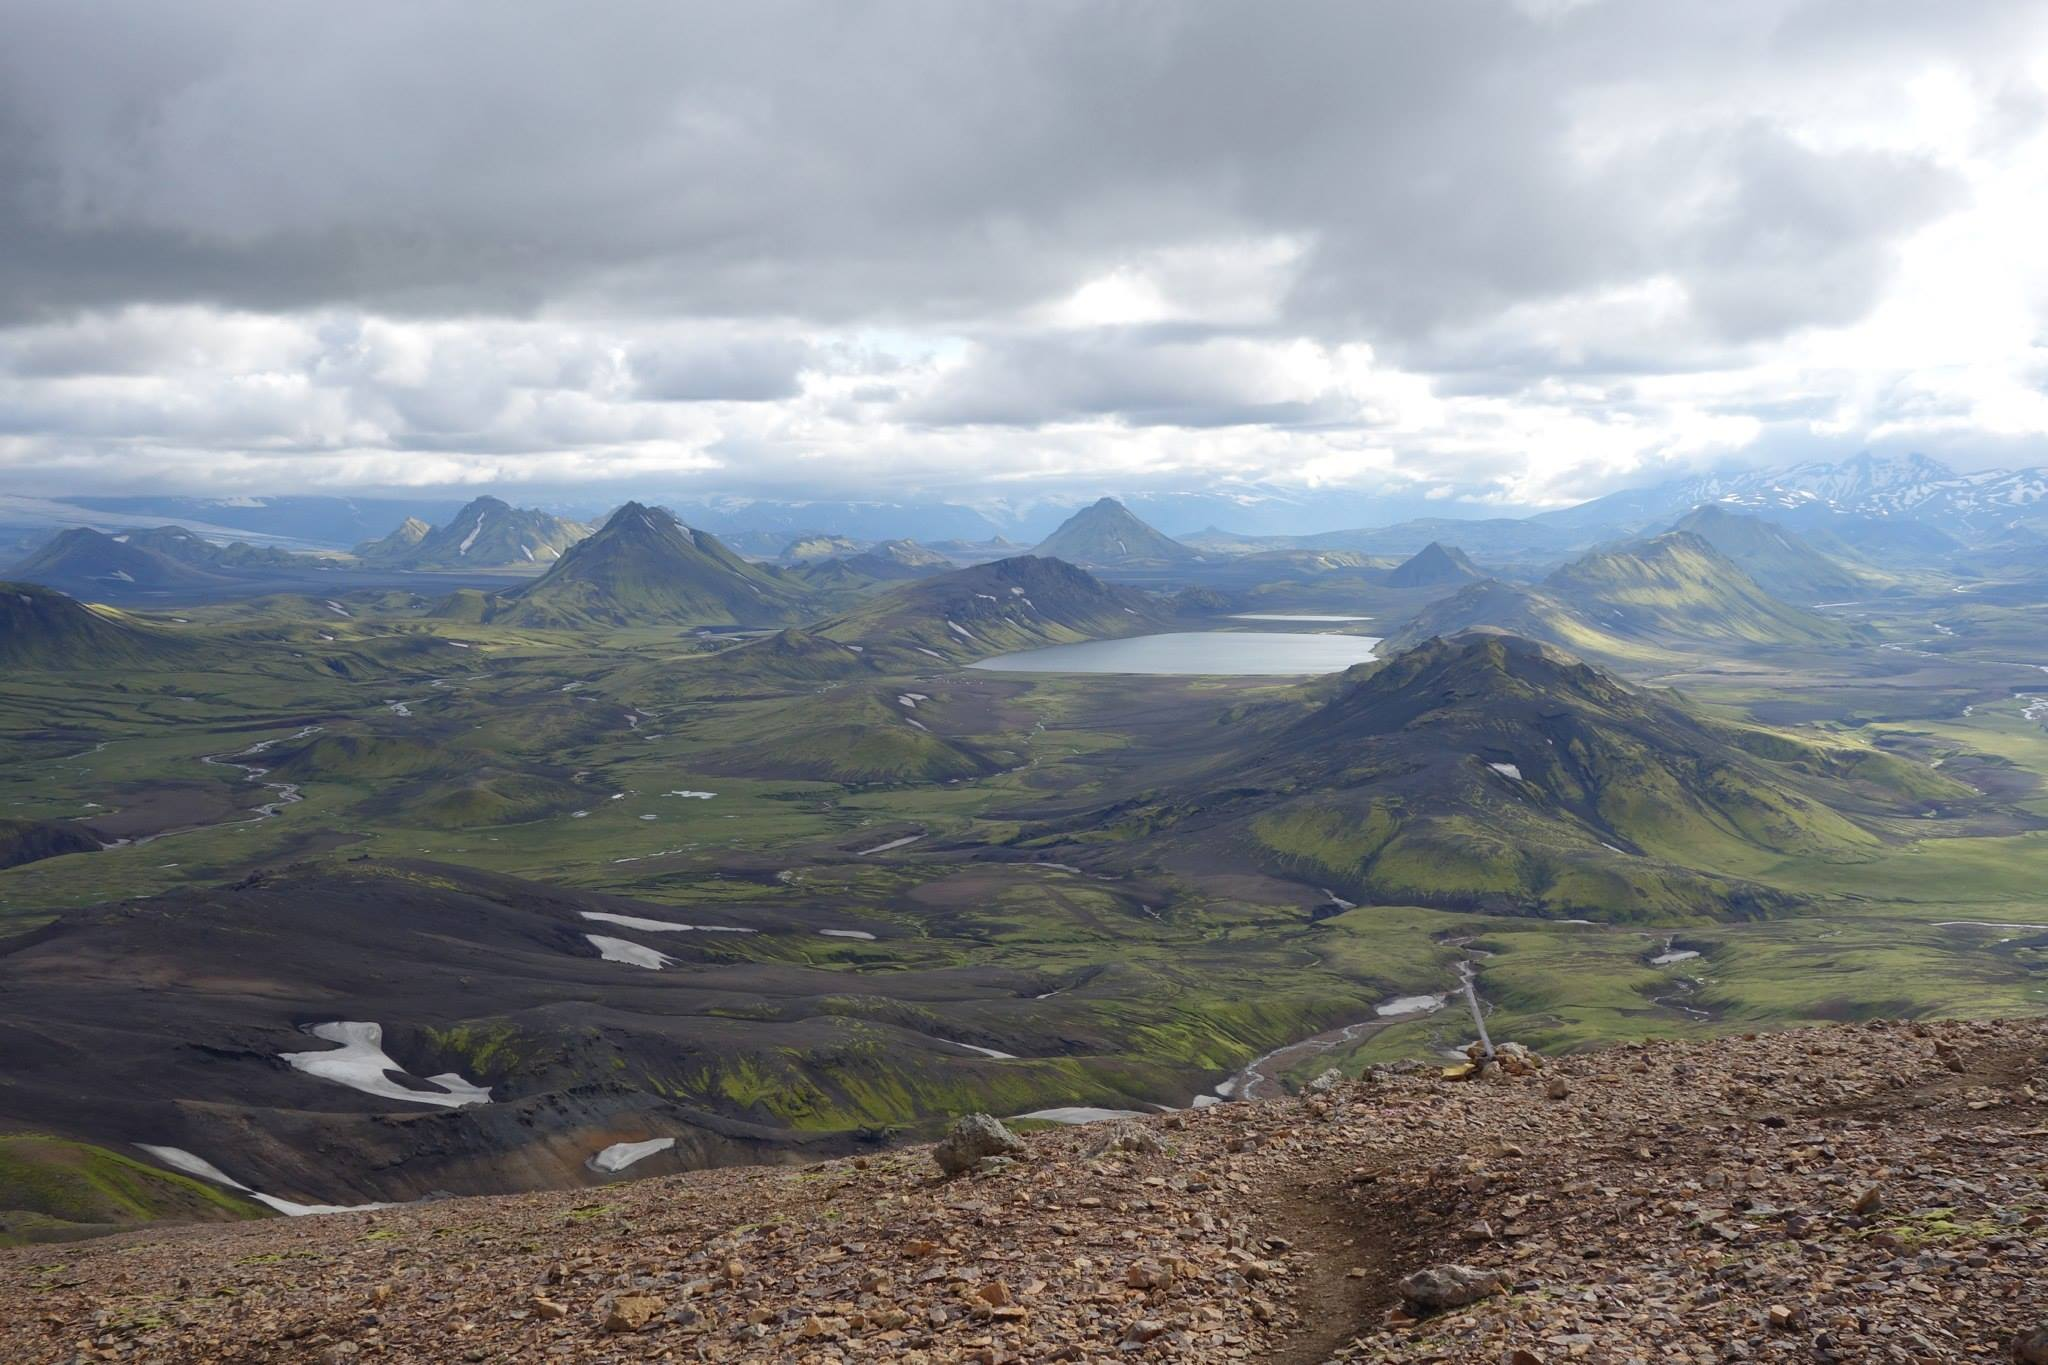 Les Hautes Terres du Centre islandais sont connues pour leurs paysages magnifiques et spectaculaires.